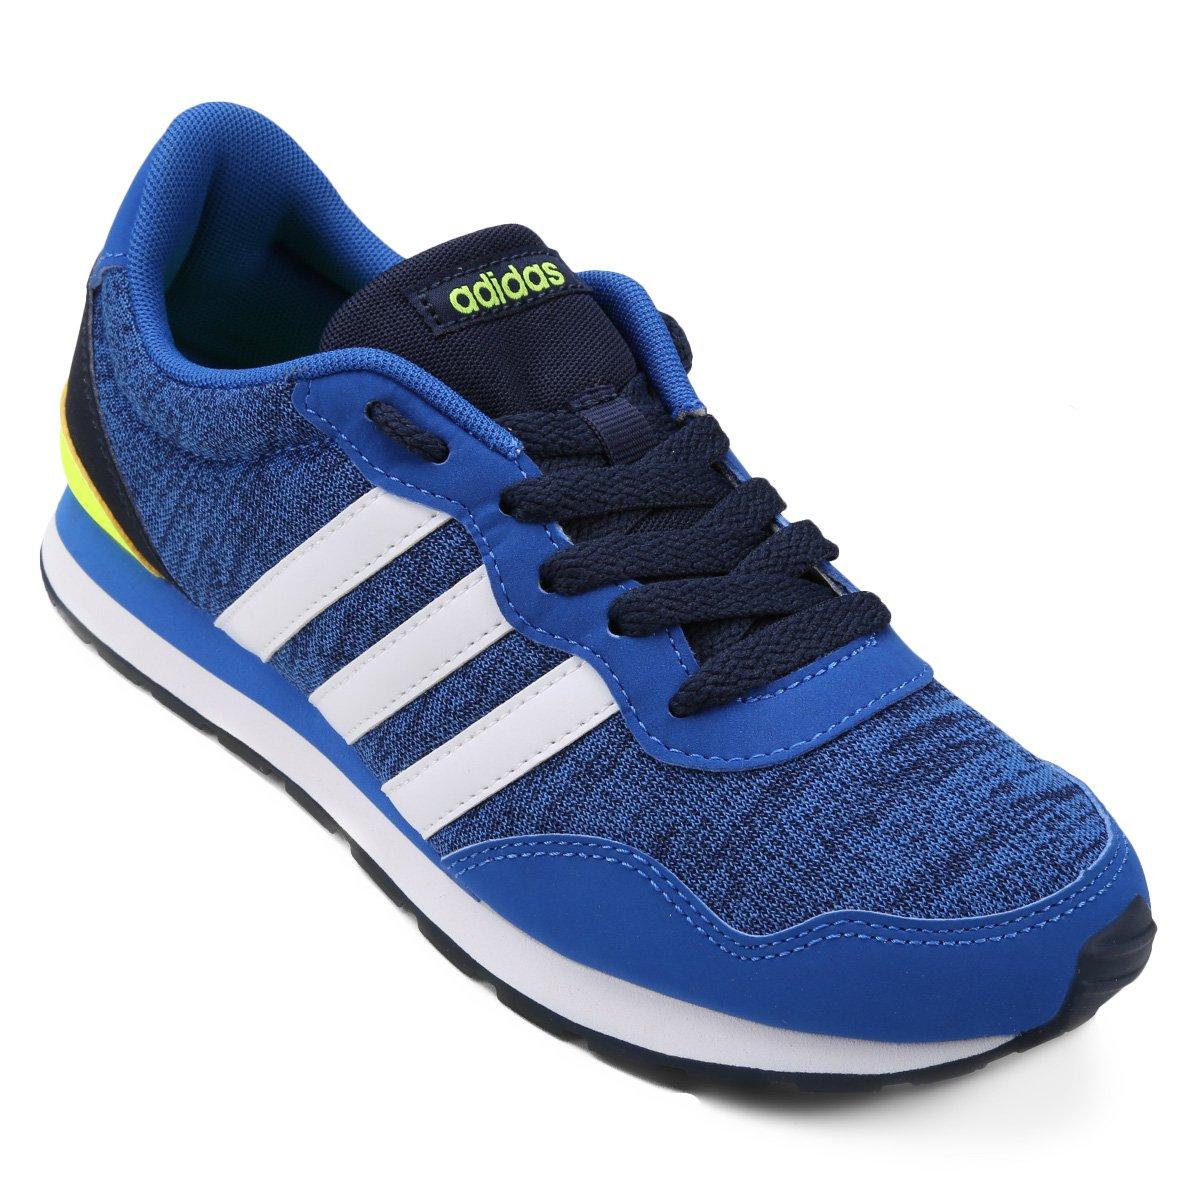 8935d20429 Tênis Adidas V Jog K Infantil - Compre Agora